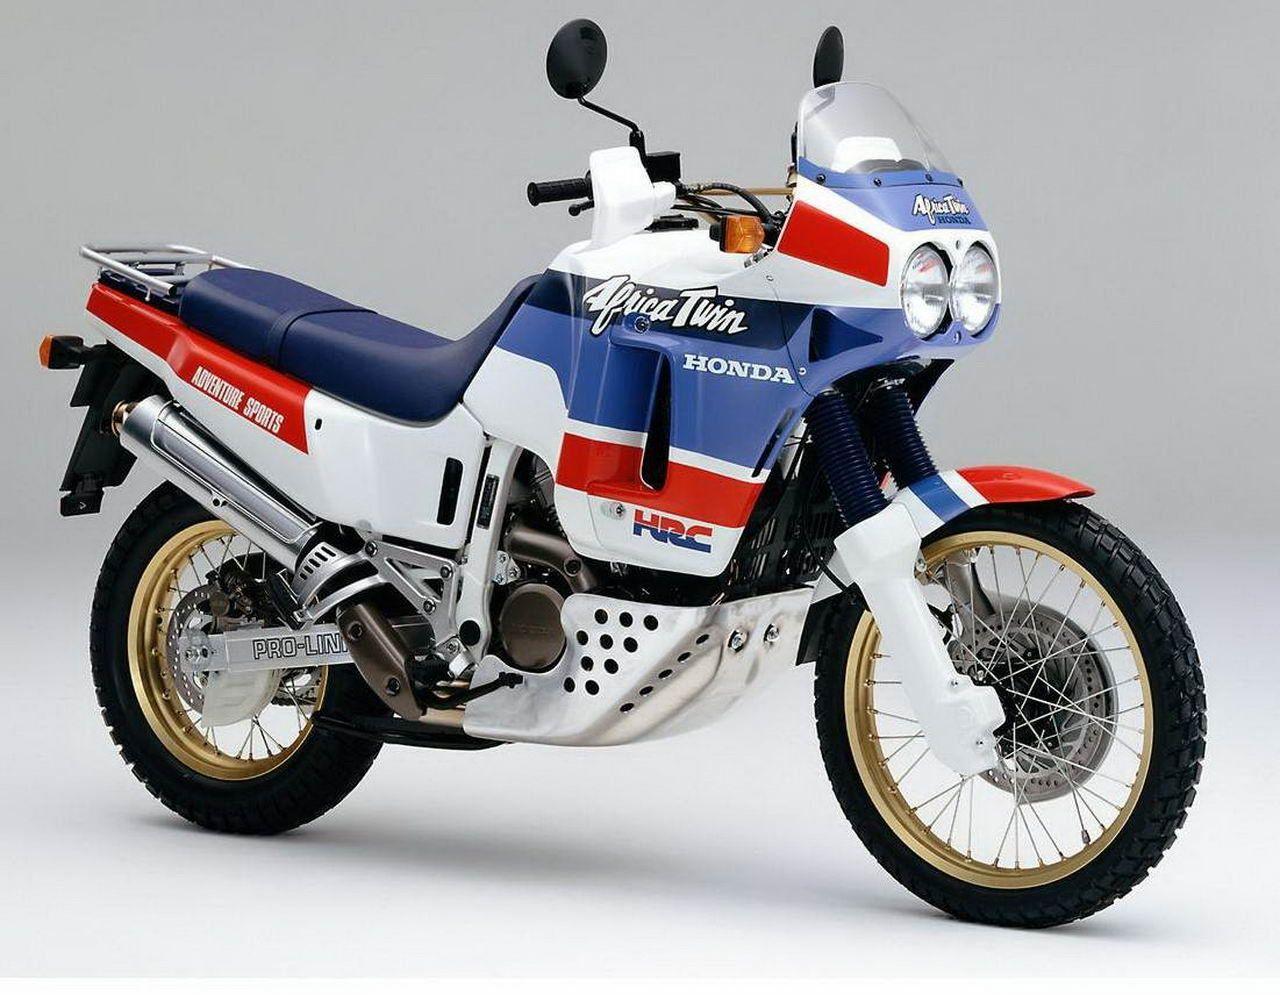 Hondas Amazing Paris Dakar Winning Adventure Bike Was Offered Between 1989 And 2003 But Never In The Un